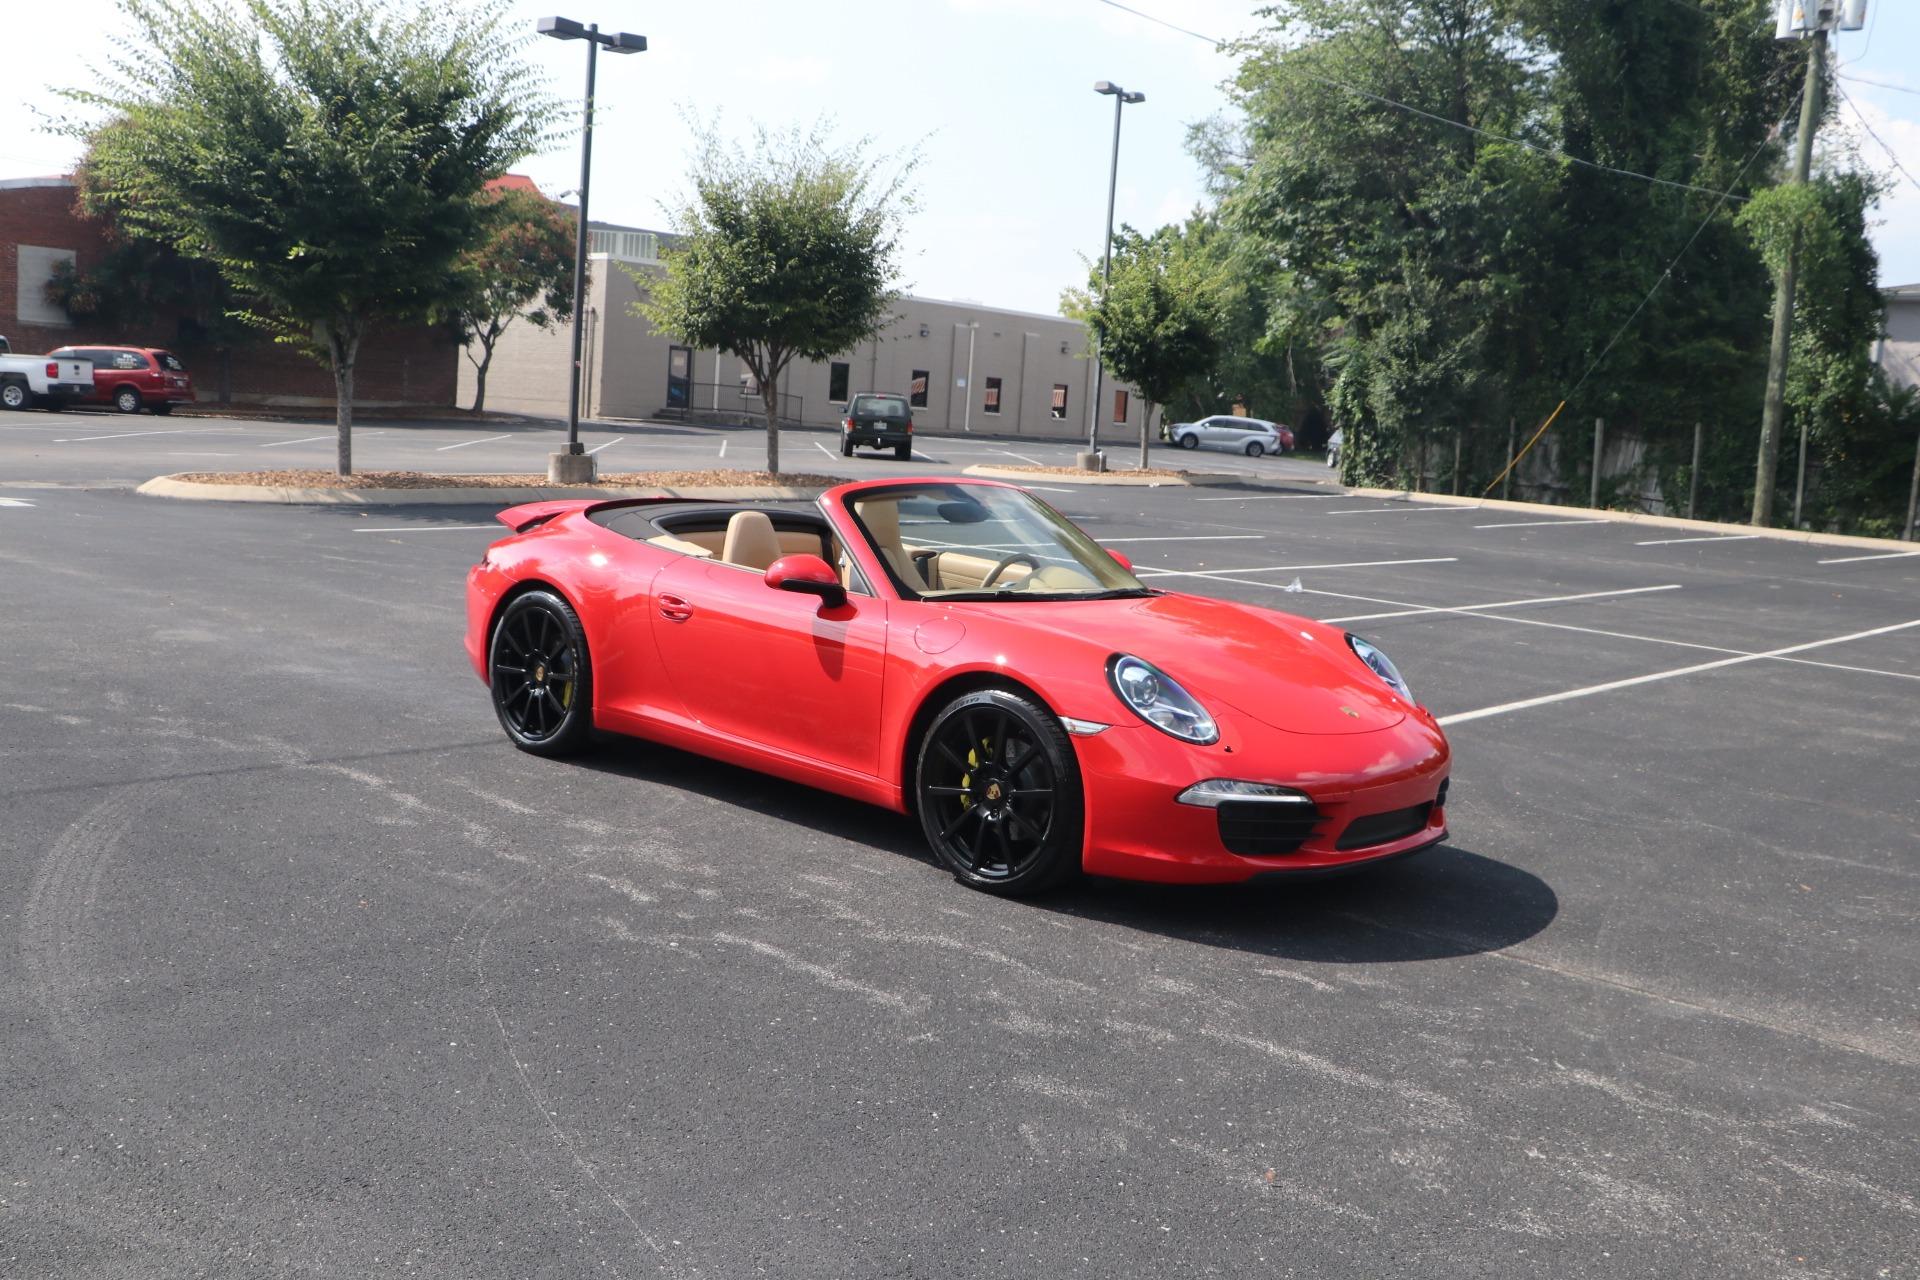 Used 2013 Porsche 911 CARRERA CABRIOLET PREMIUM PLUS SPORT CHRONO for sale Sold at Auto Collection in Murfreesboro TN 37130 1